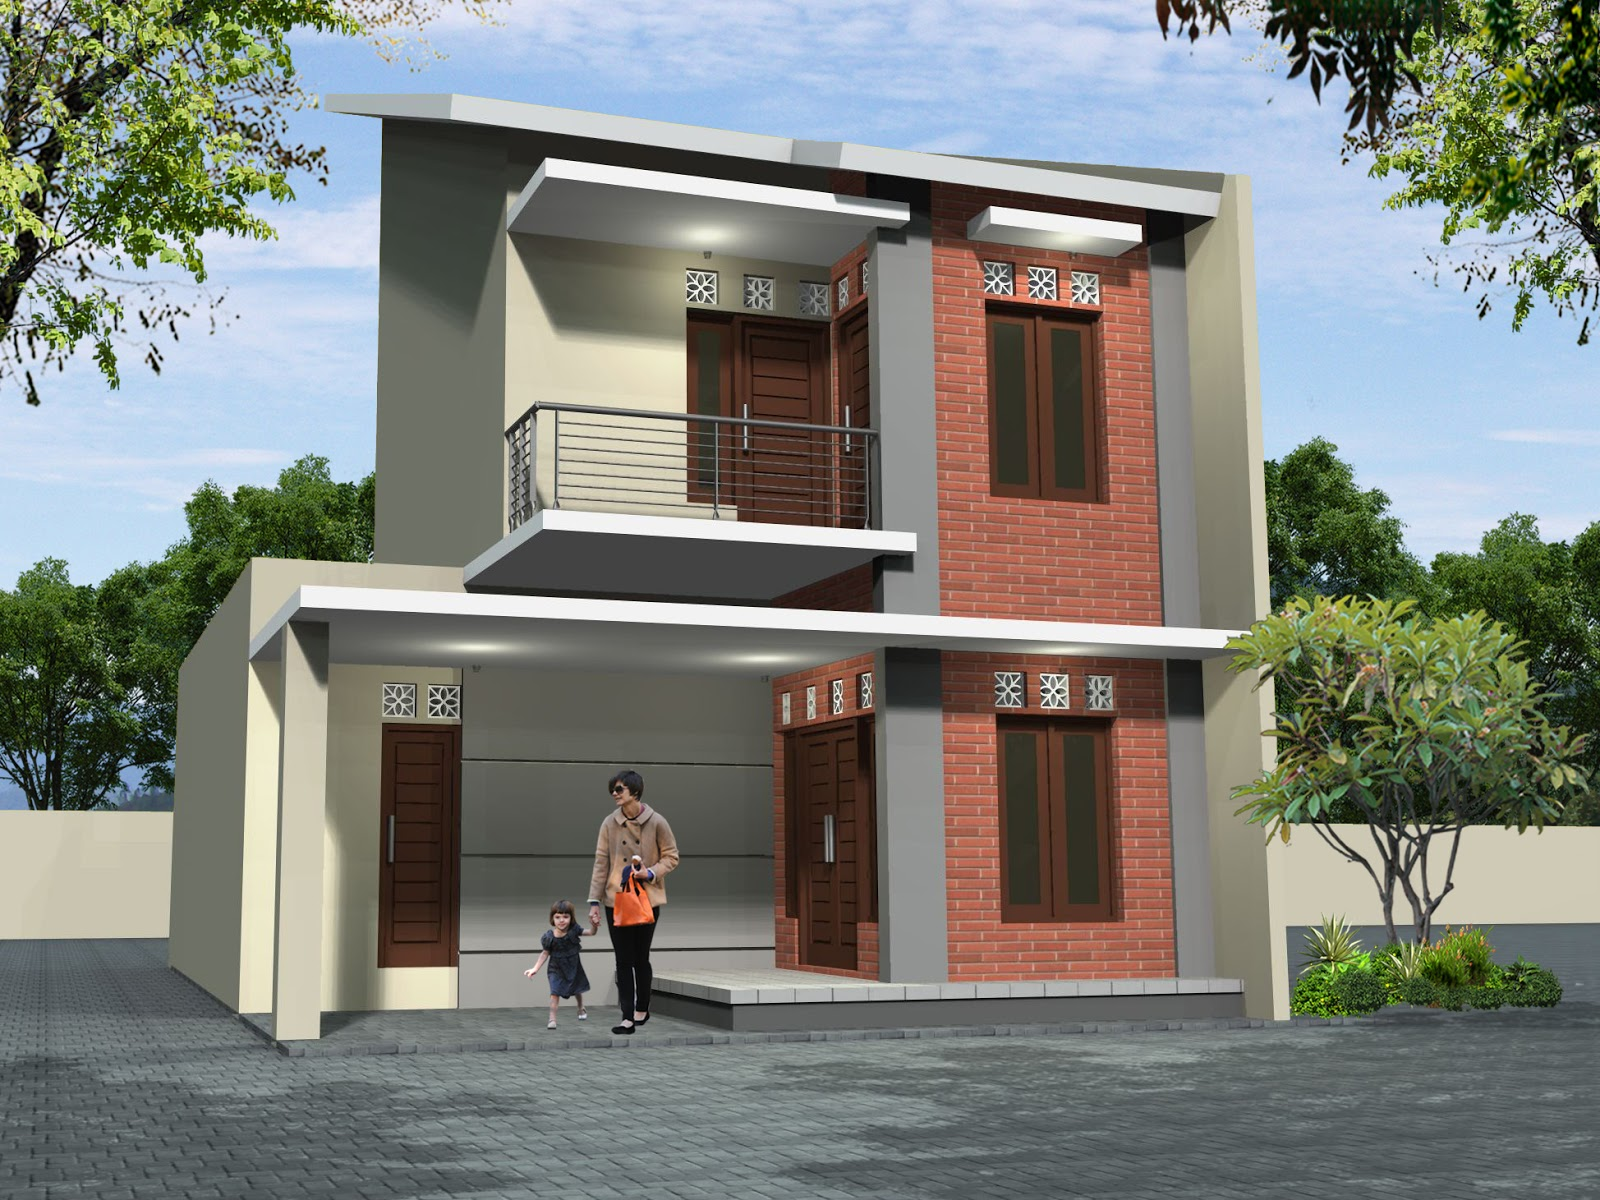 Gambar Eksterior Rumah Minimalis 2 Lantai Desain Rumah Minimalis